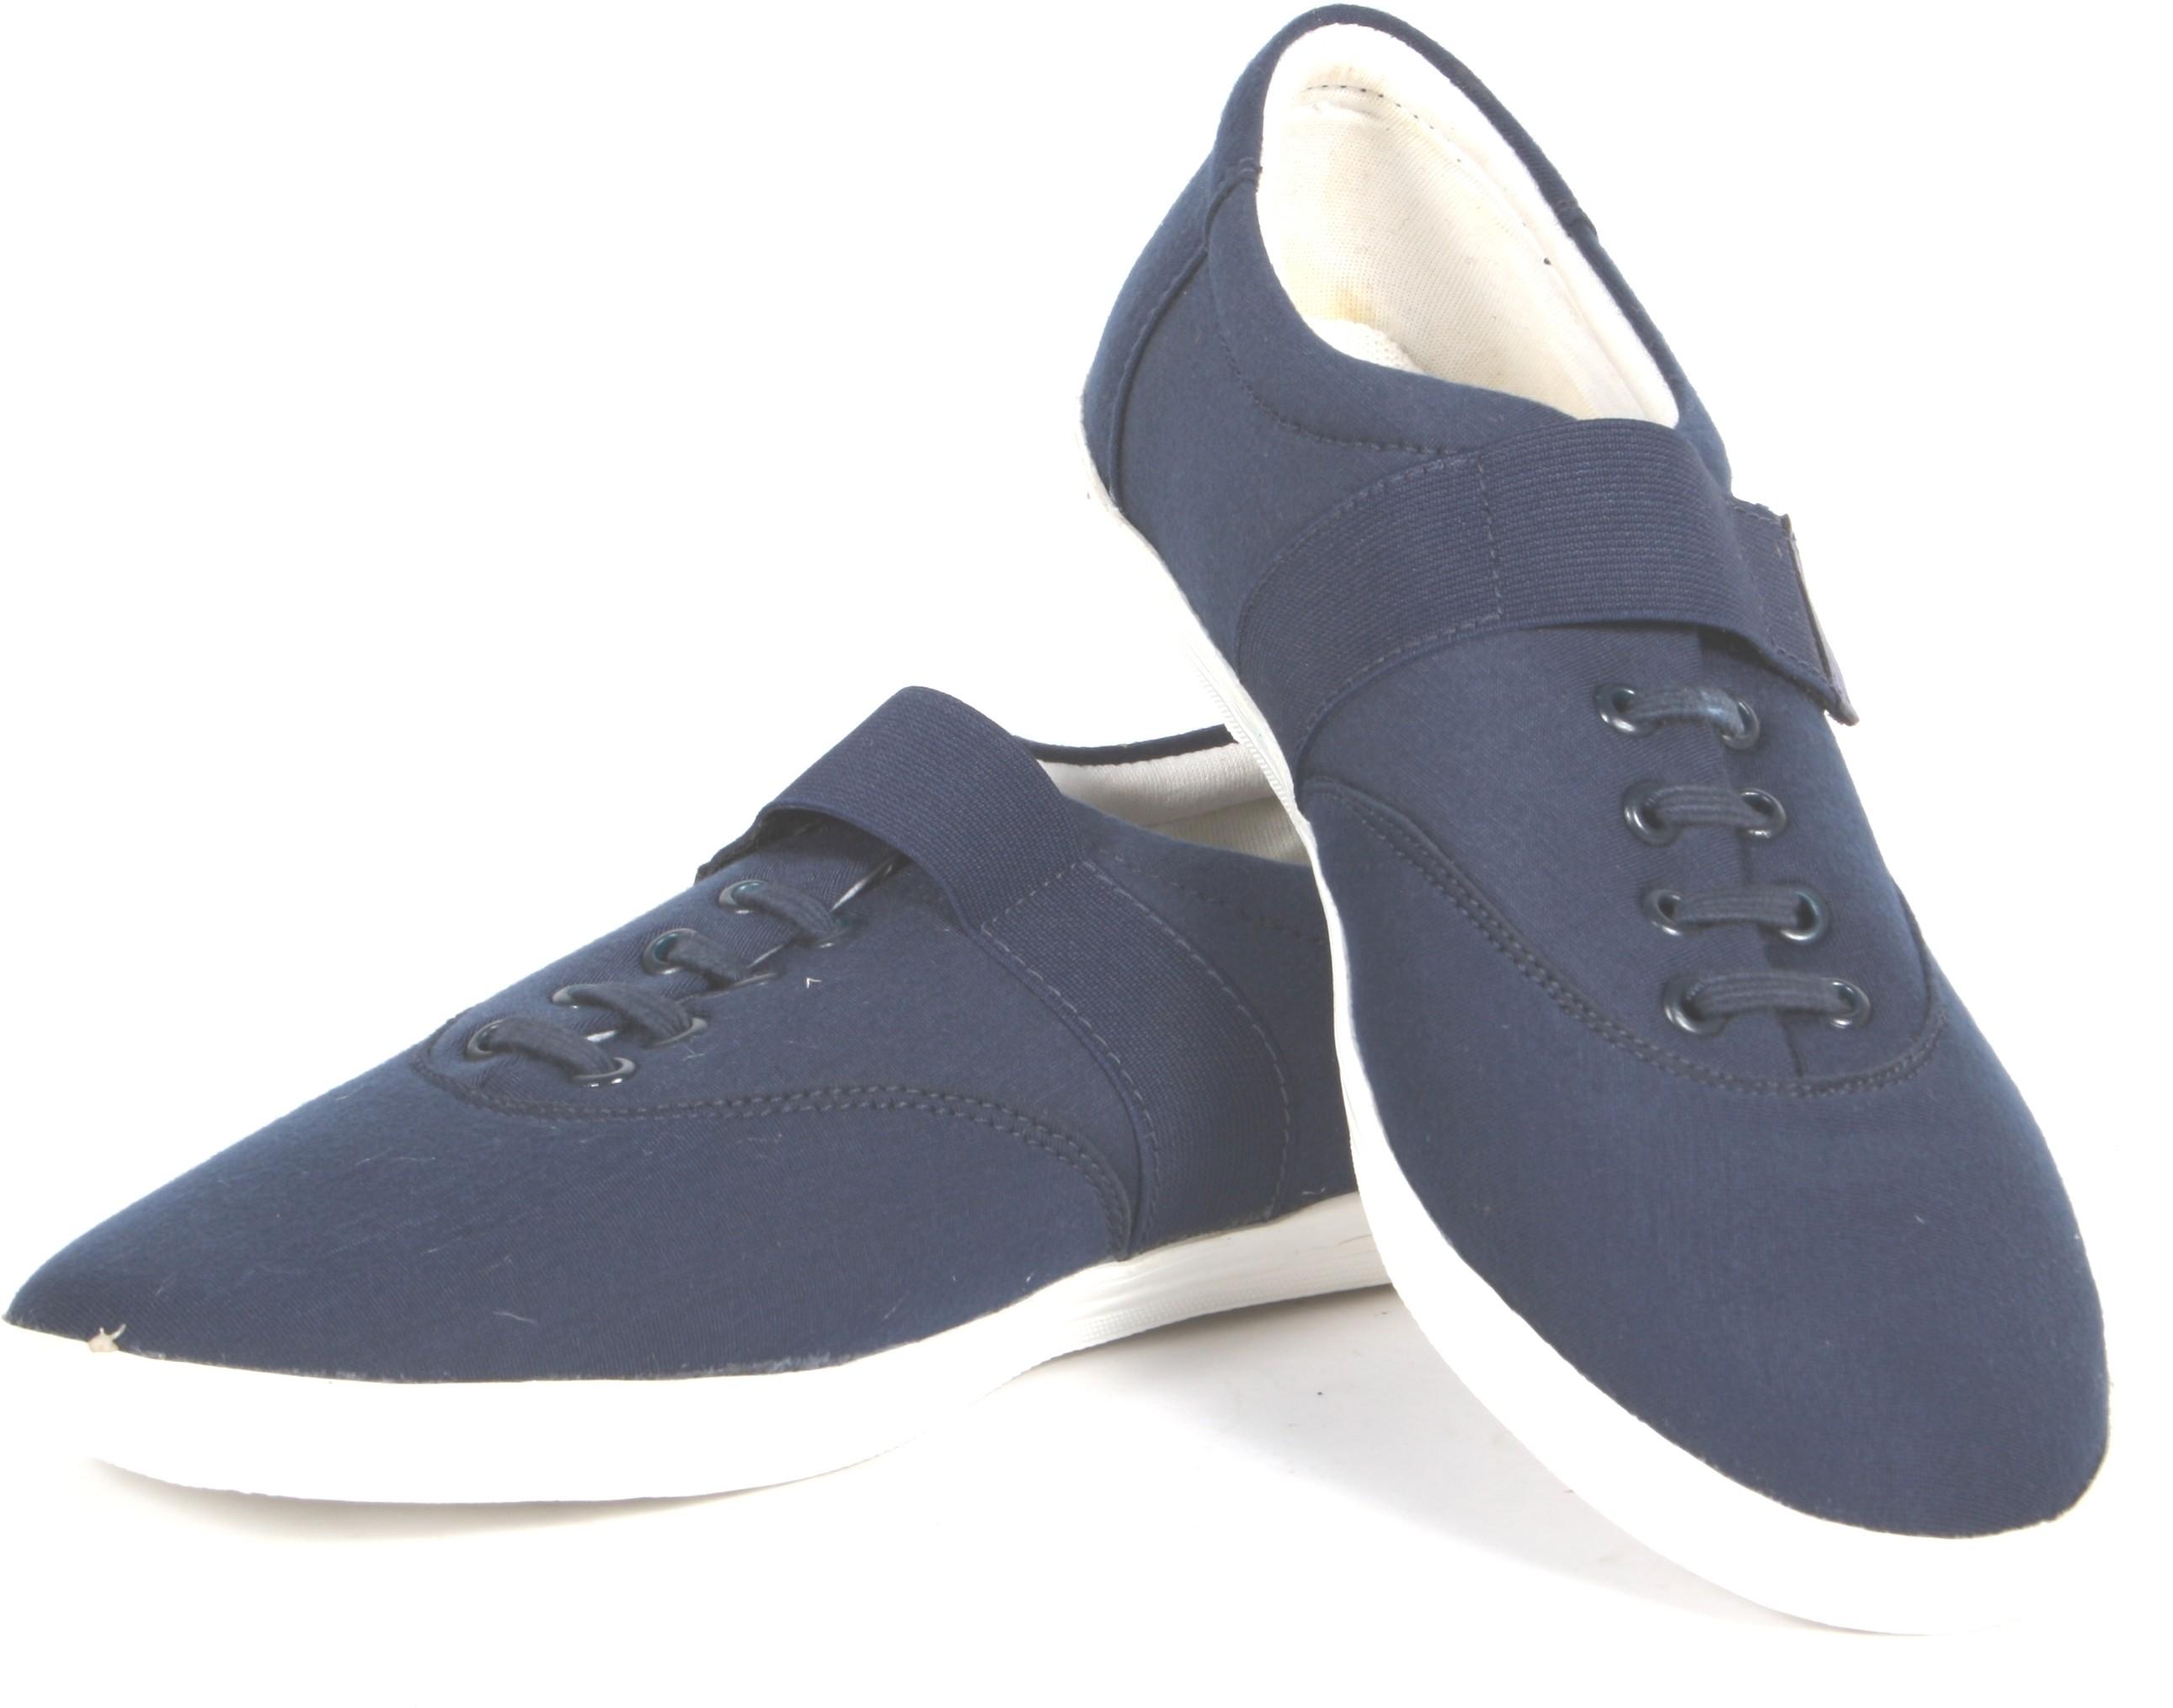 nubon finax 201 blue casual shoes buy blue color nubon